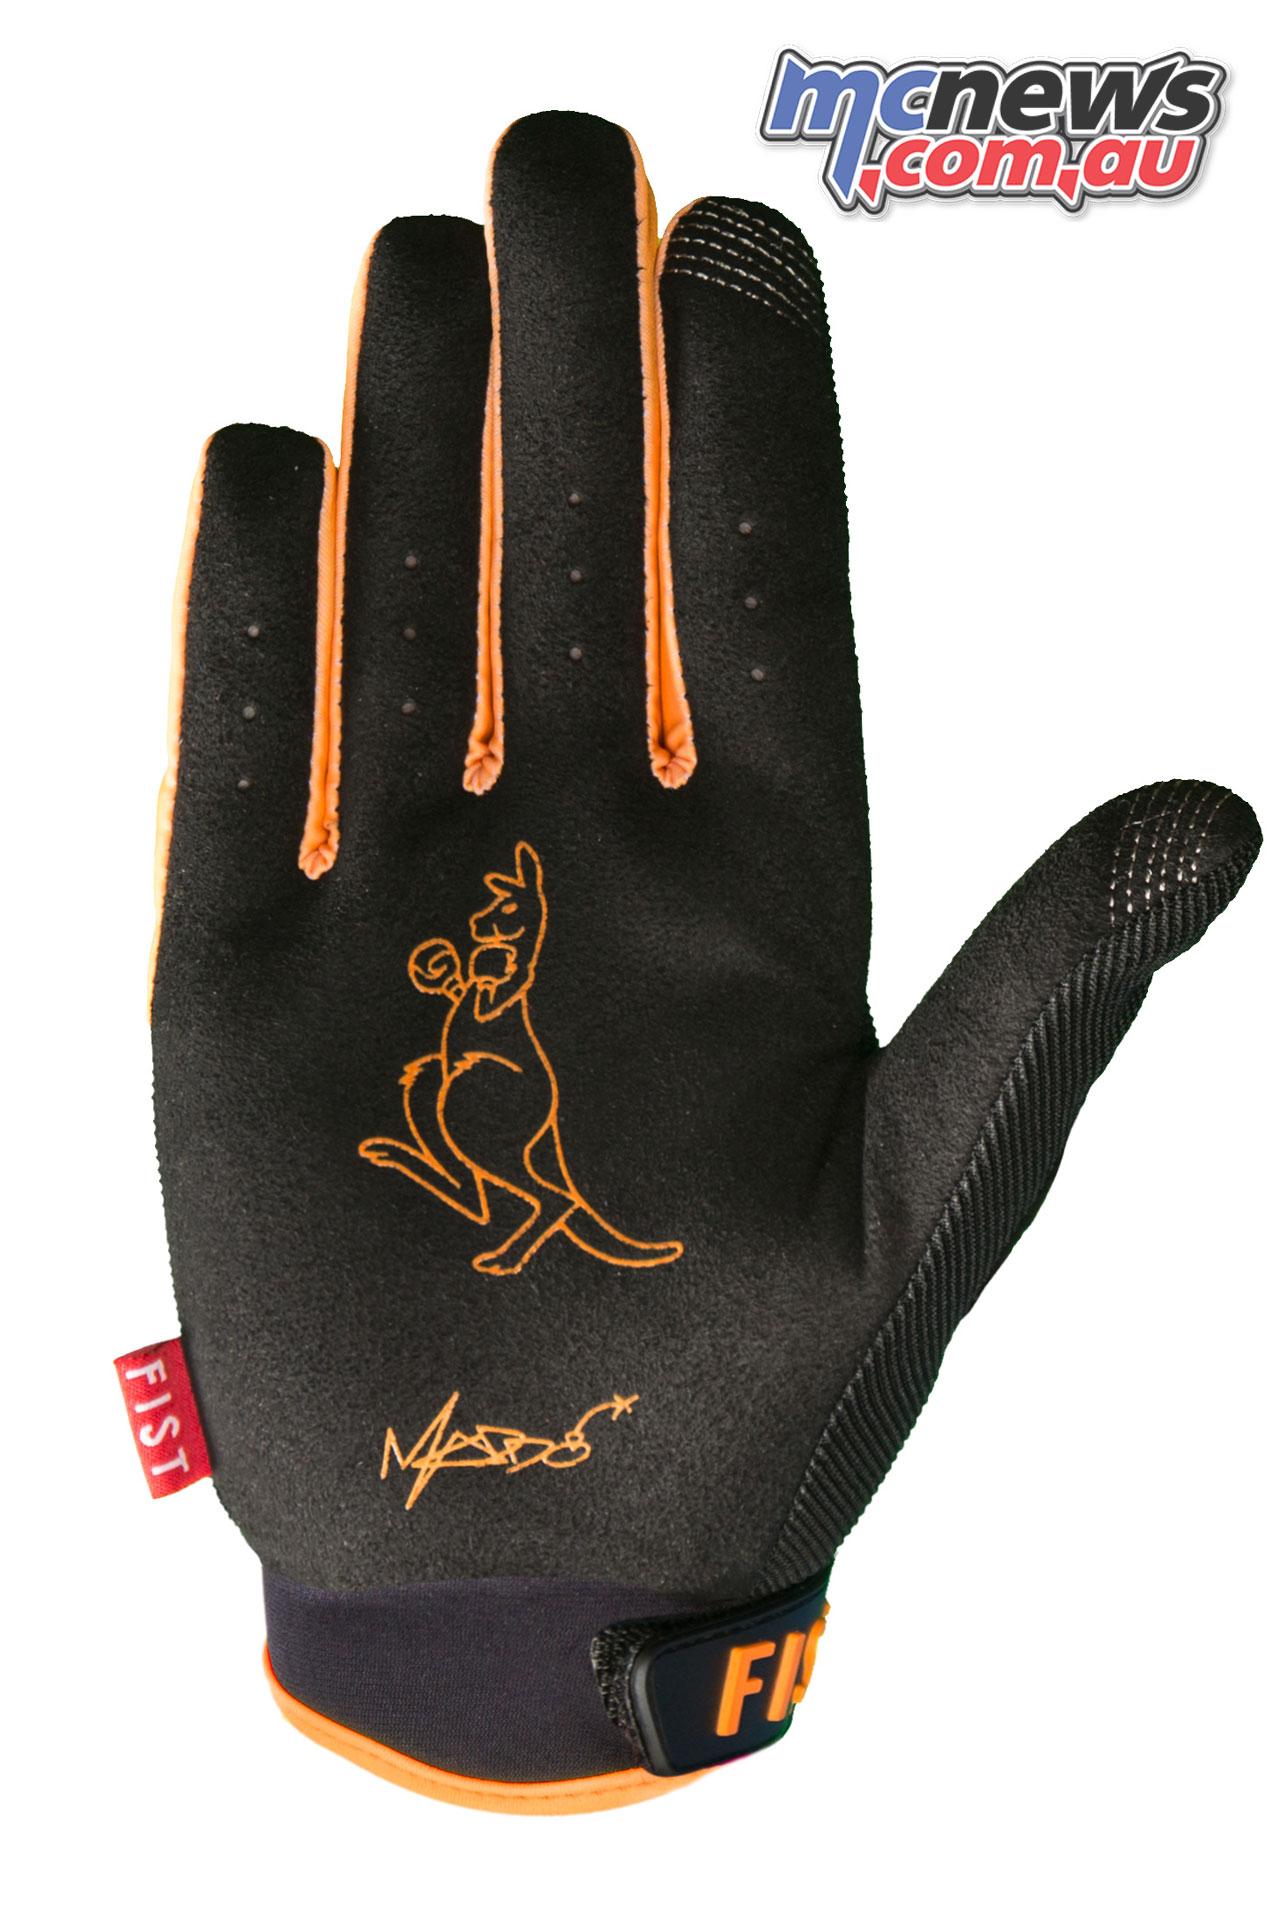 Fist Highlighter V Palm